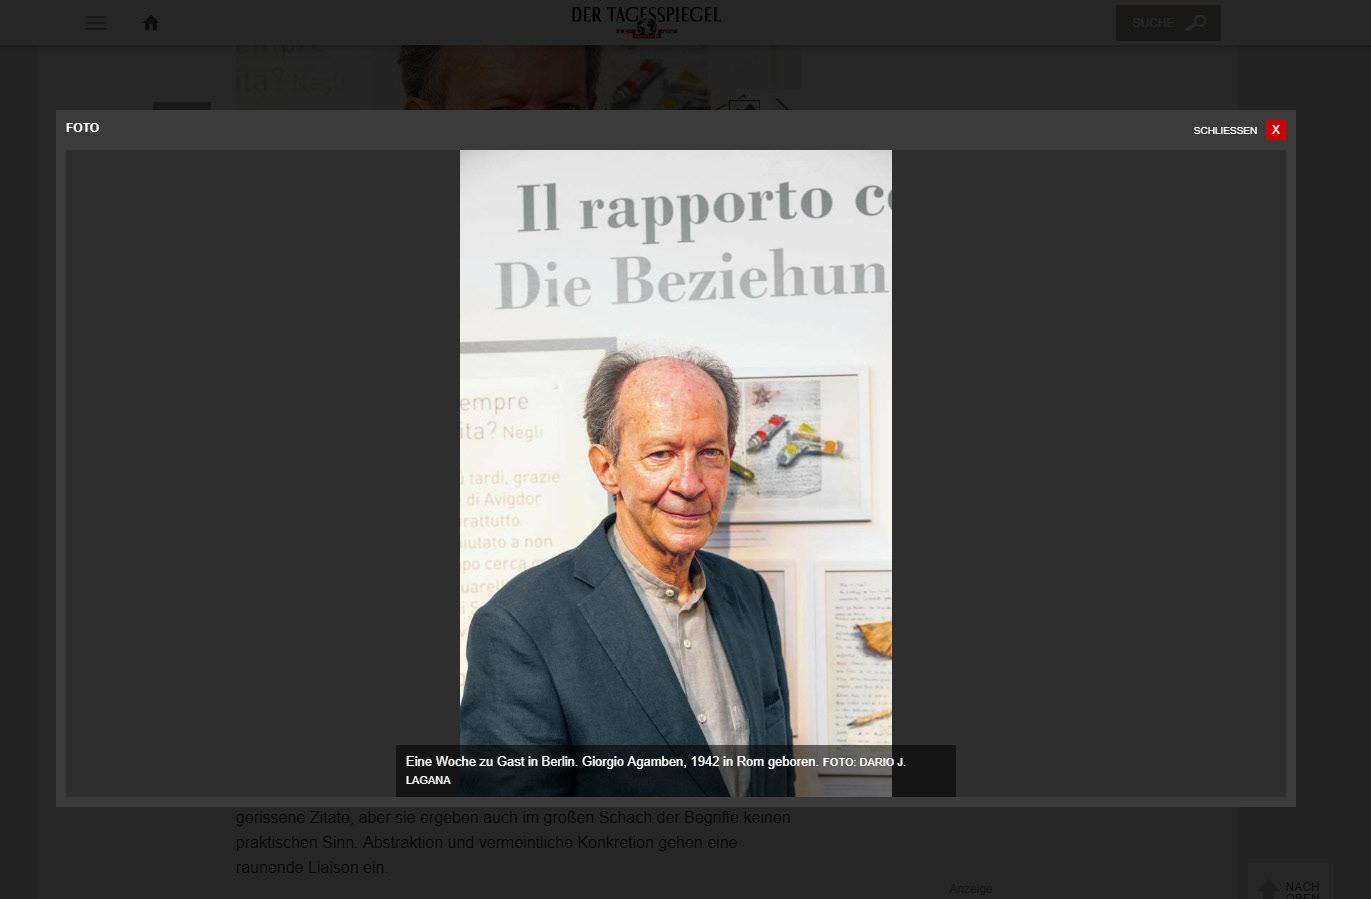 Dario J Laganà Photography News